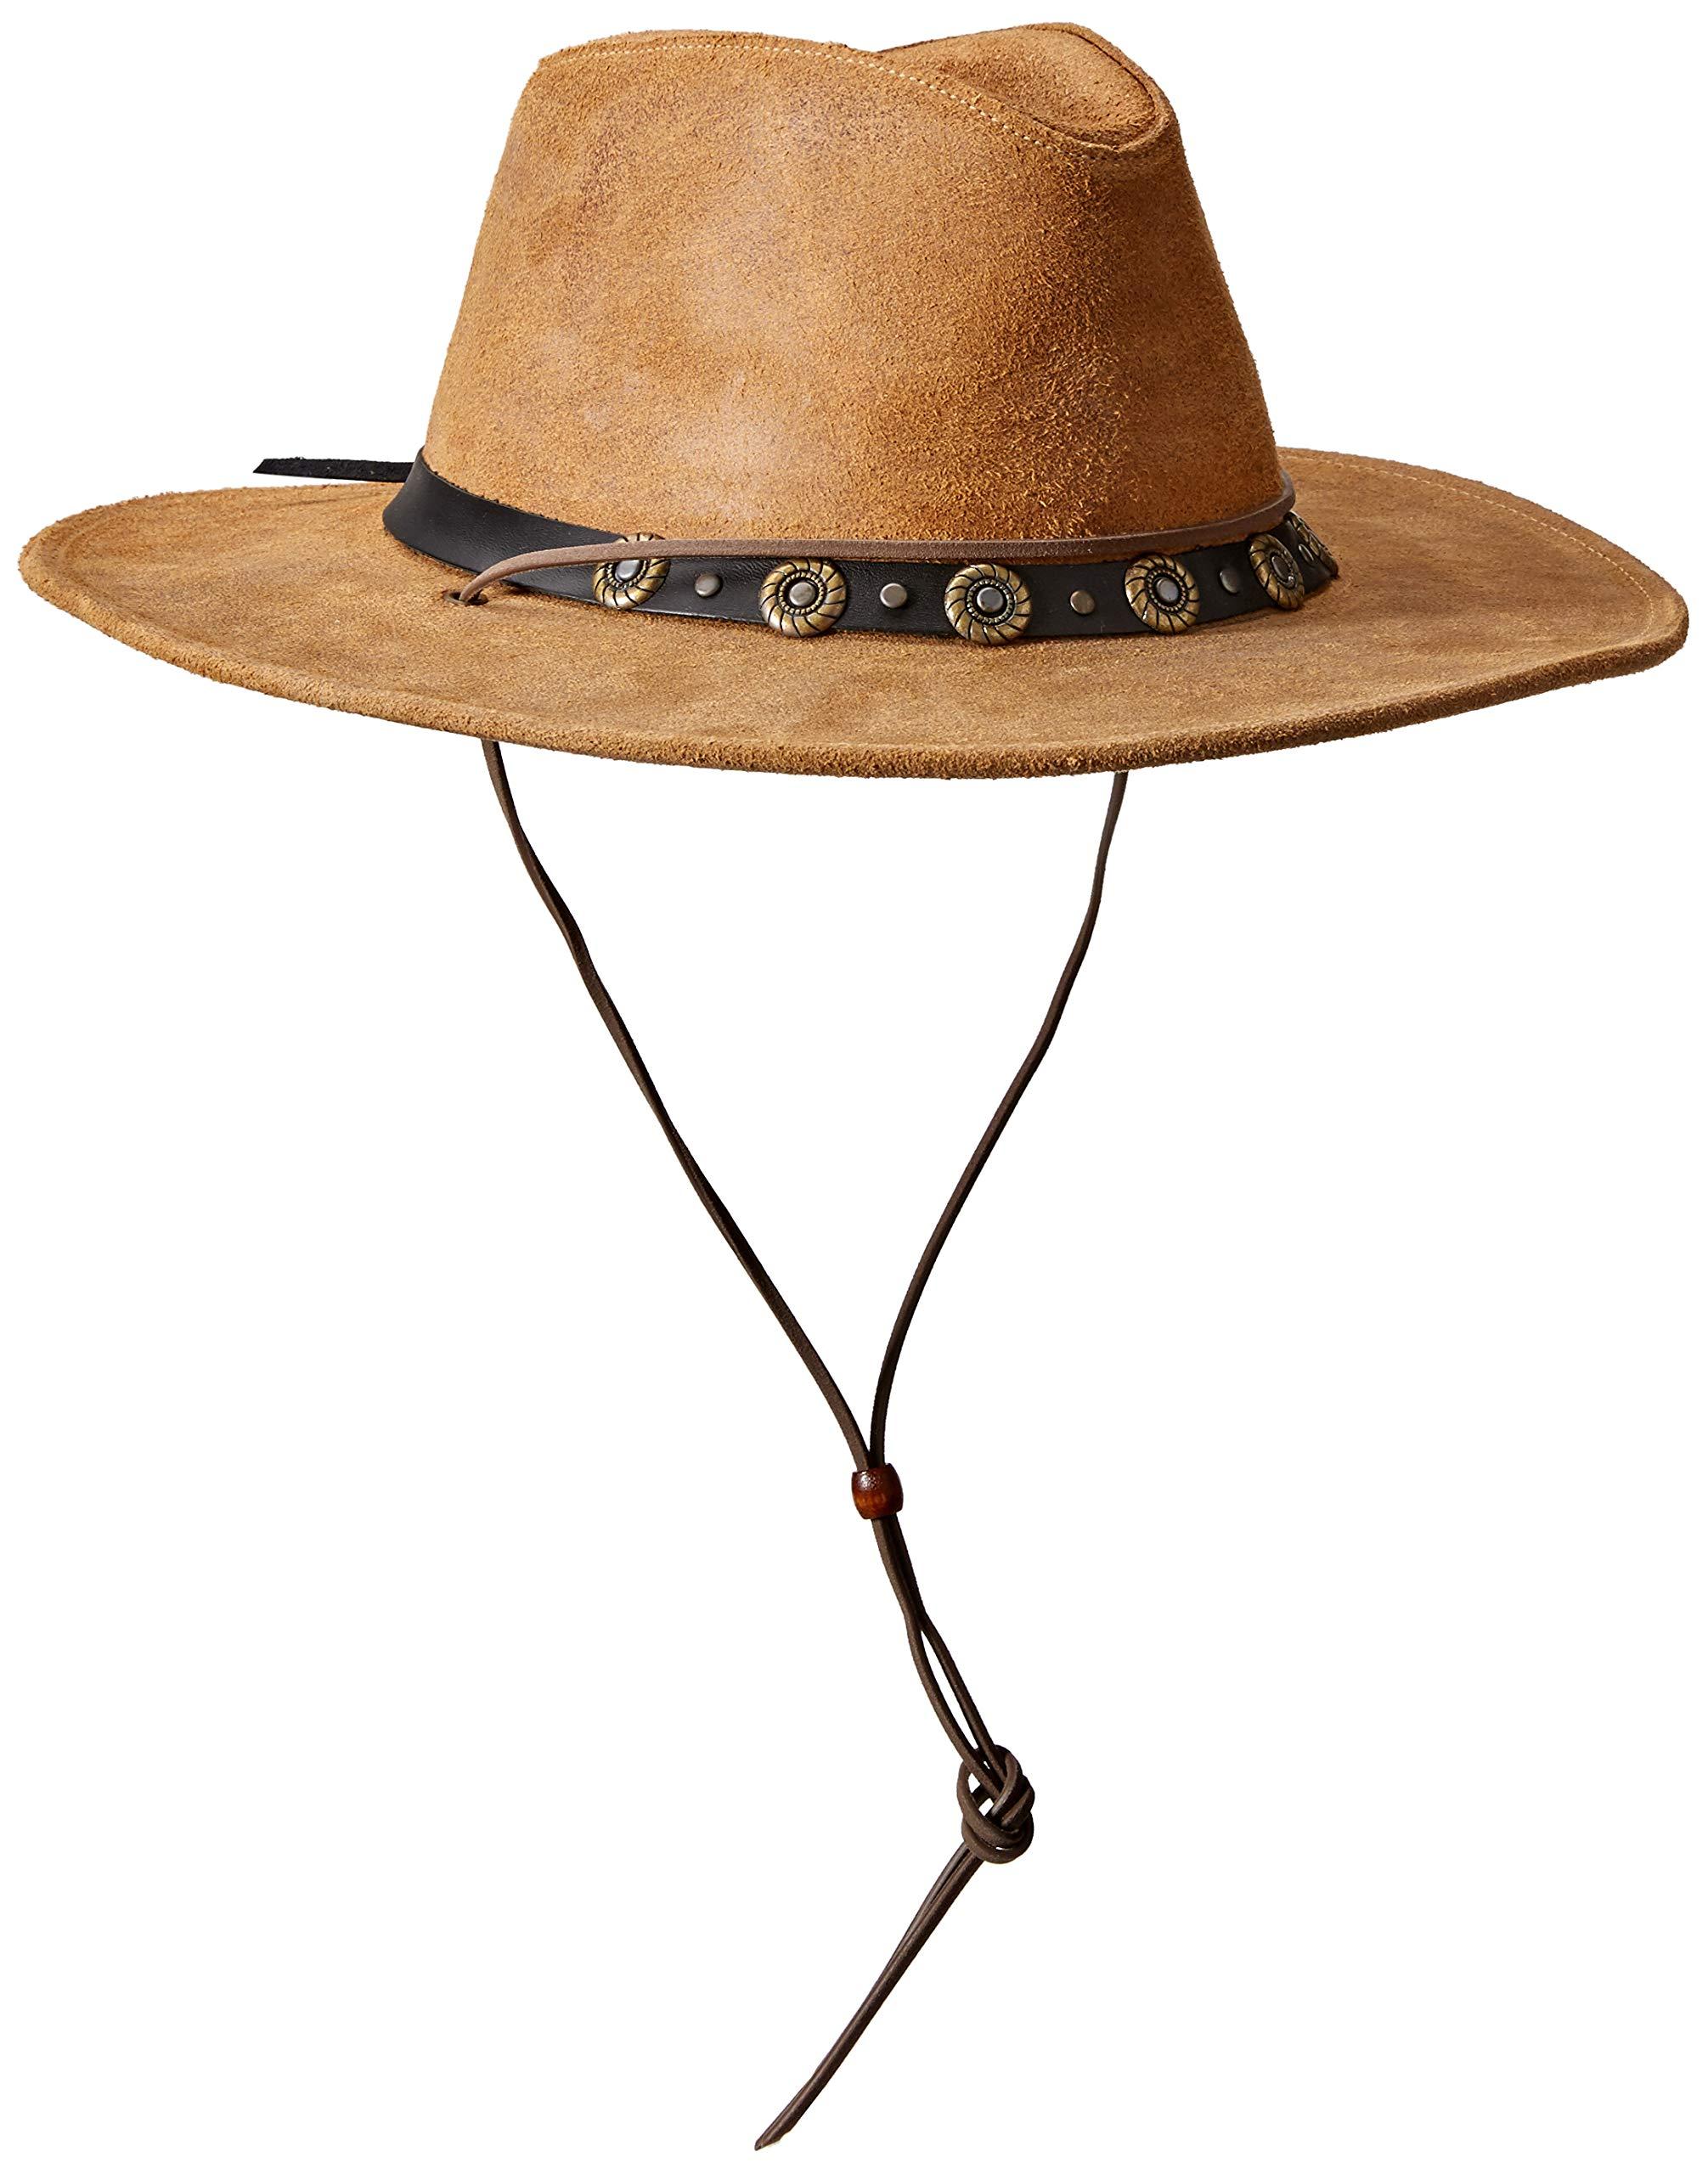 Henschel Hiker Hats, Tan, Large